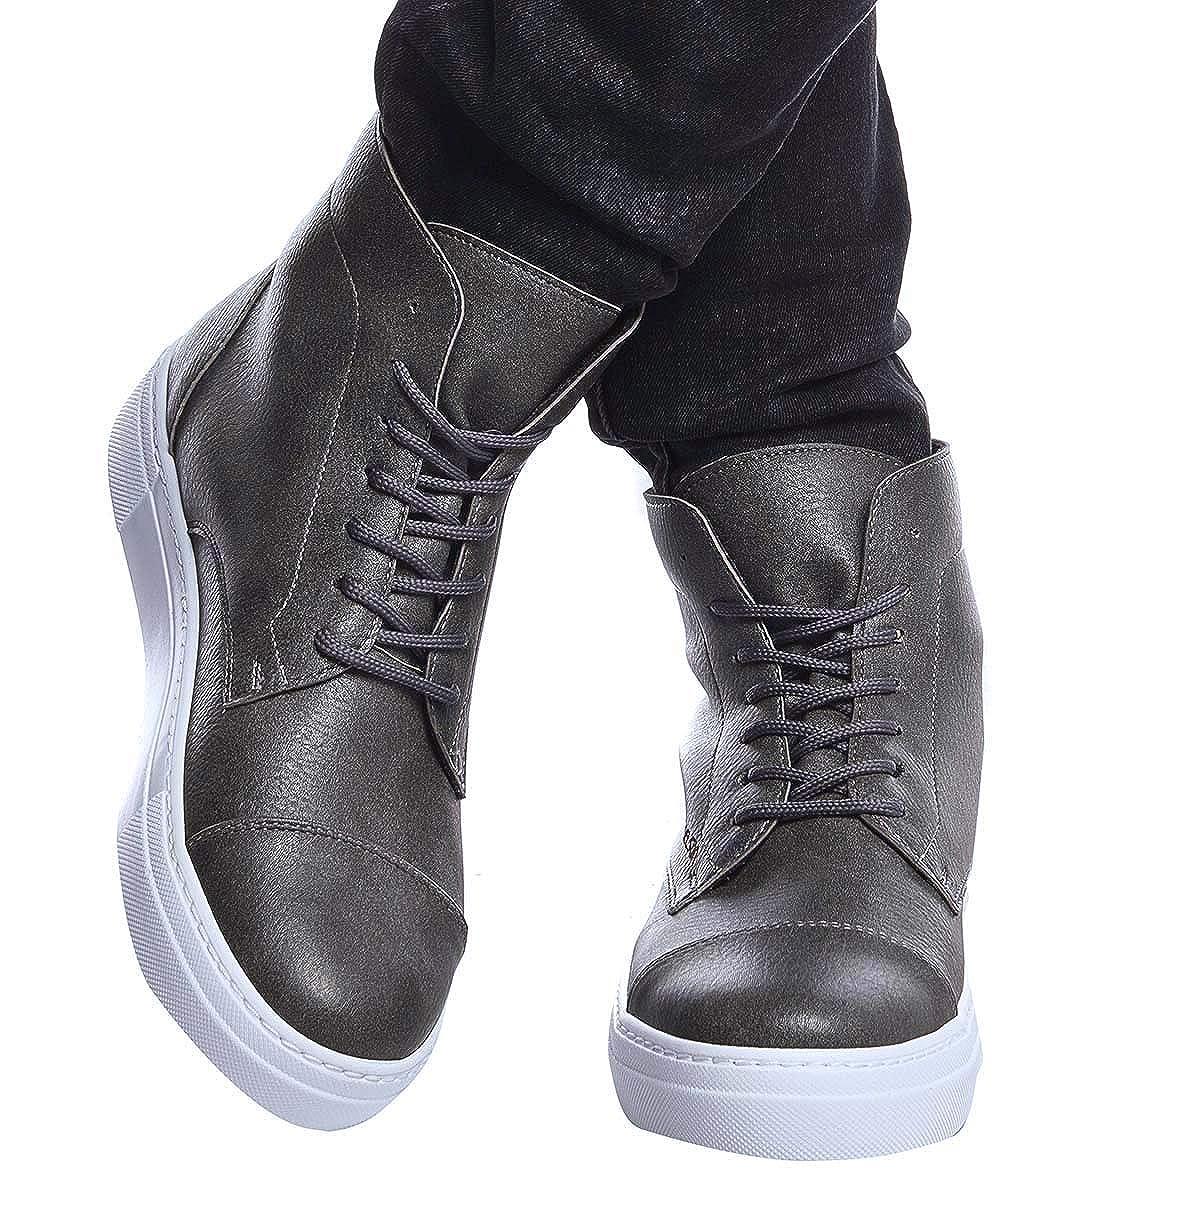 LEIF NELSON Sneaker Preisvergleich. House of Sneakers